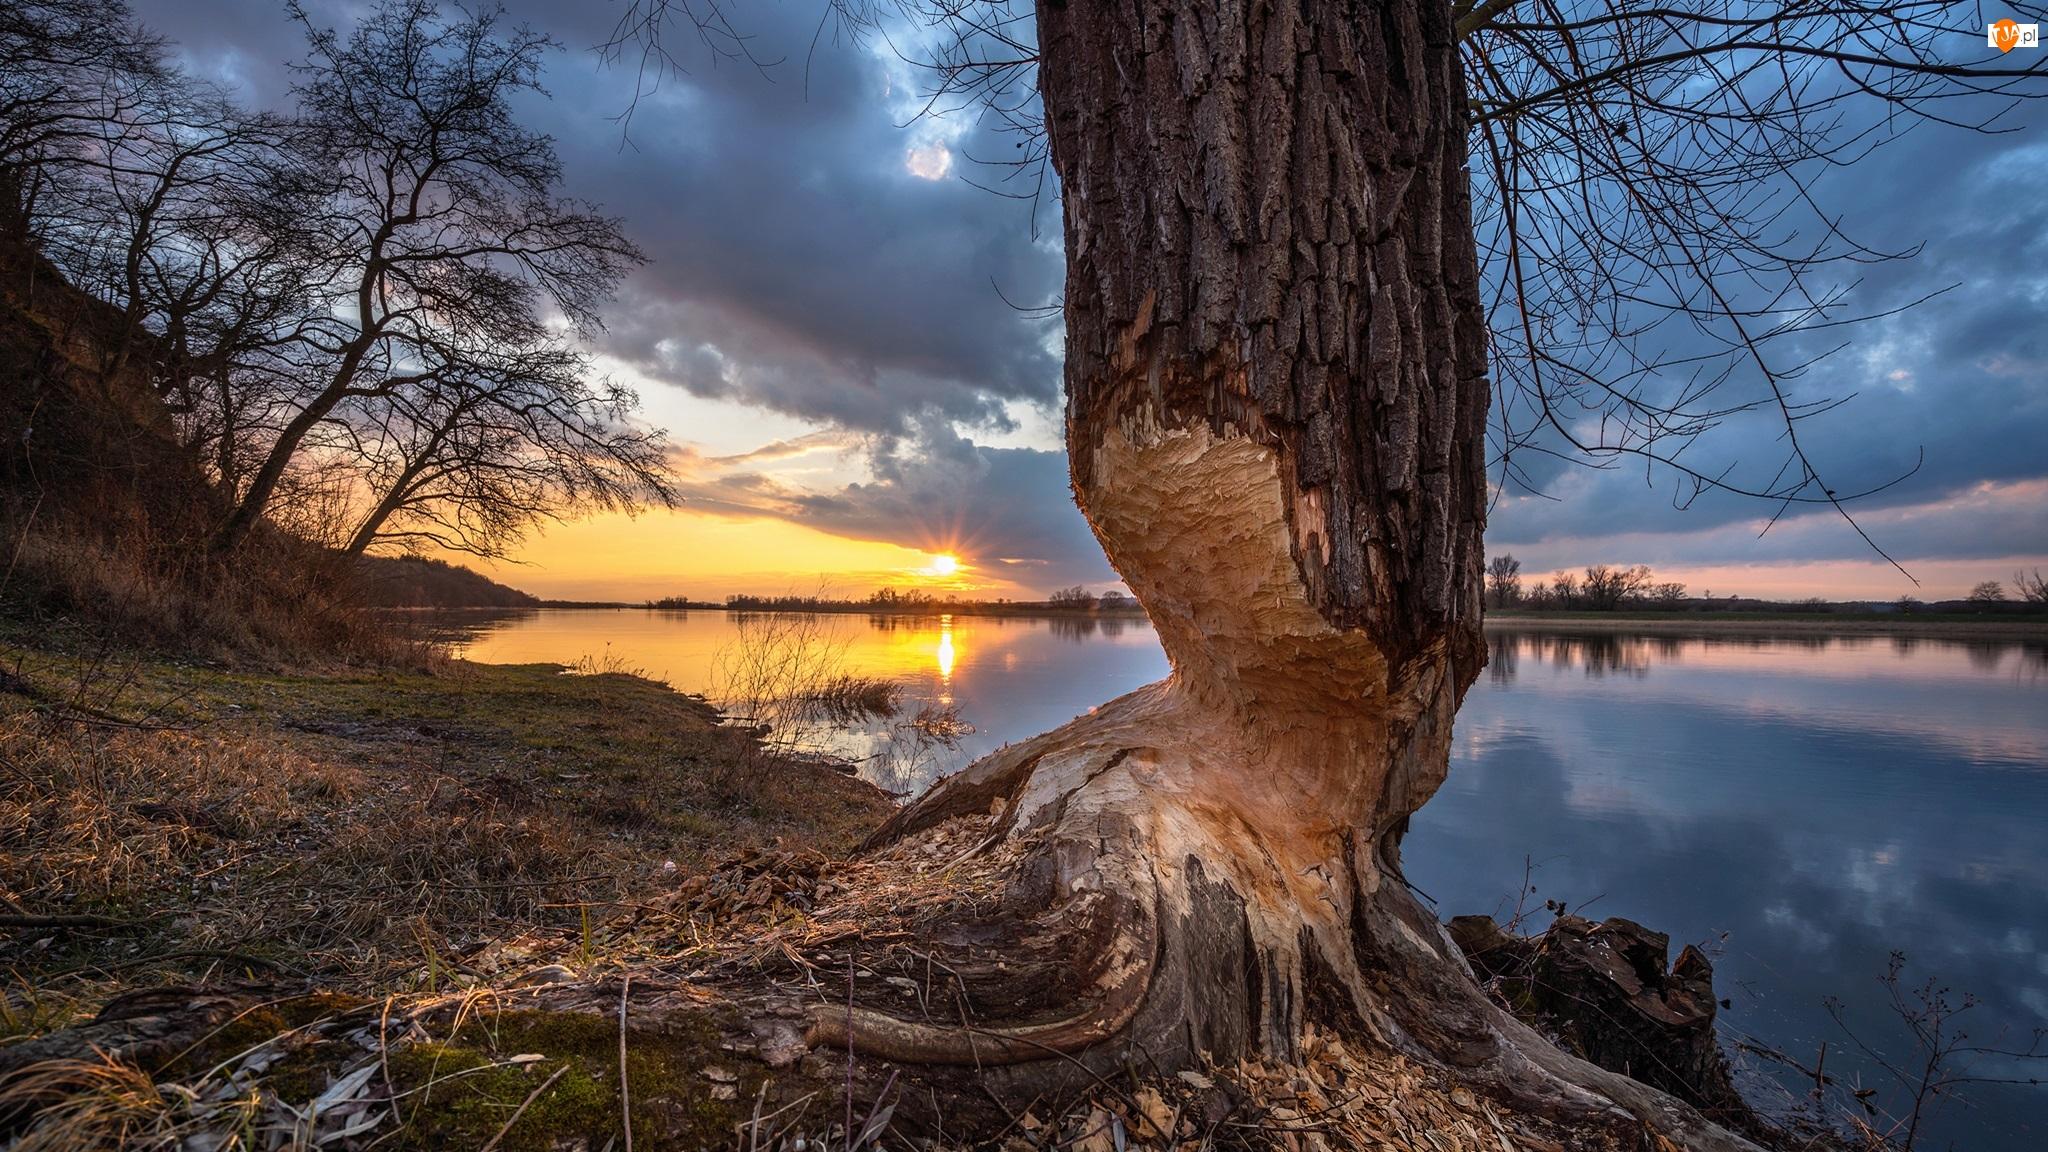 Drzewo, Zachód słońca, Nadgryzione, Rzeka, Chmury